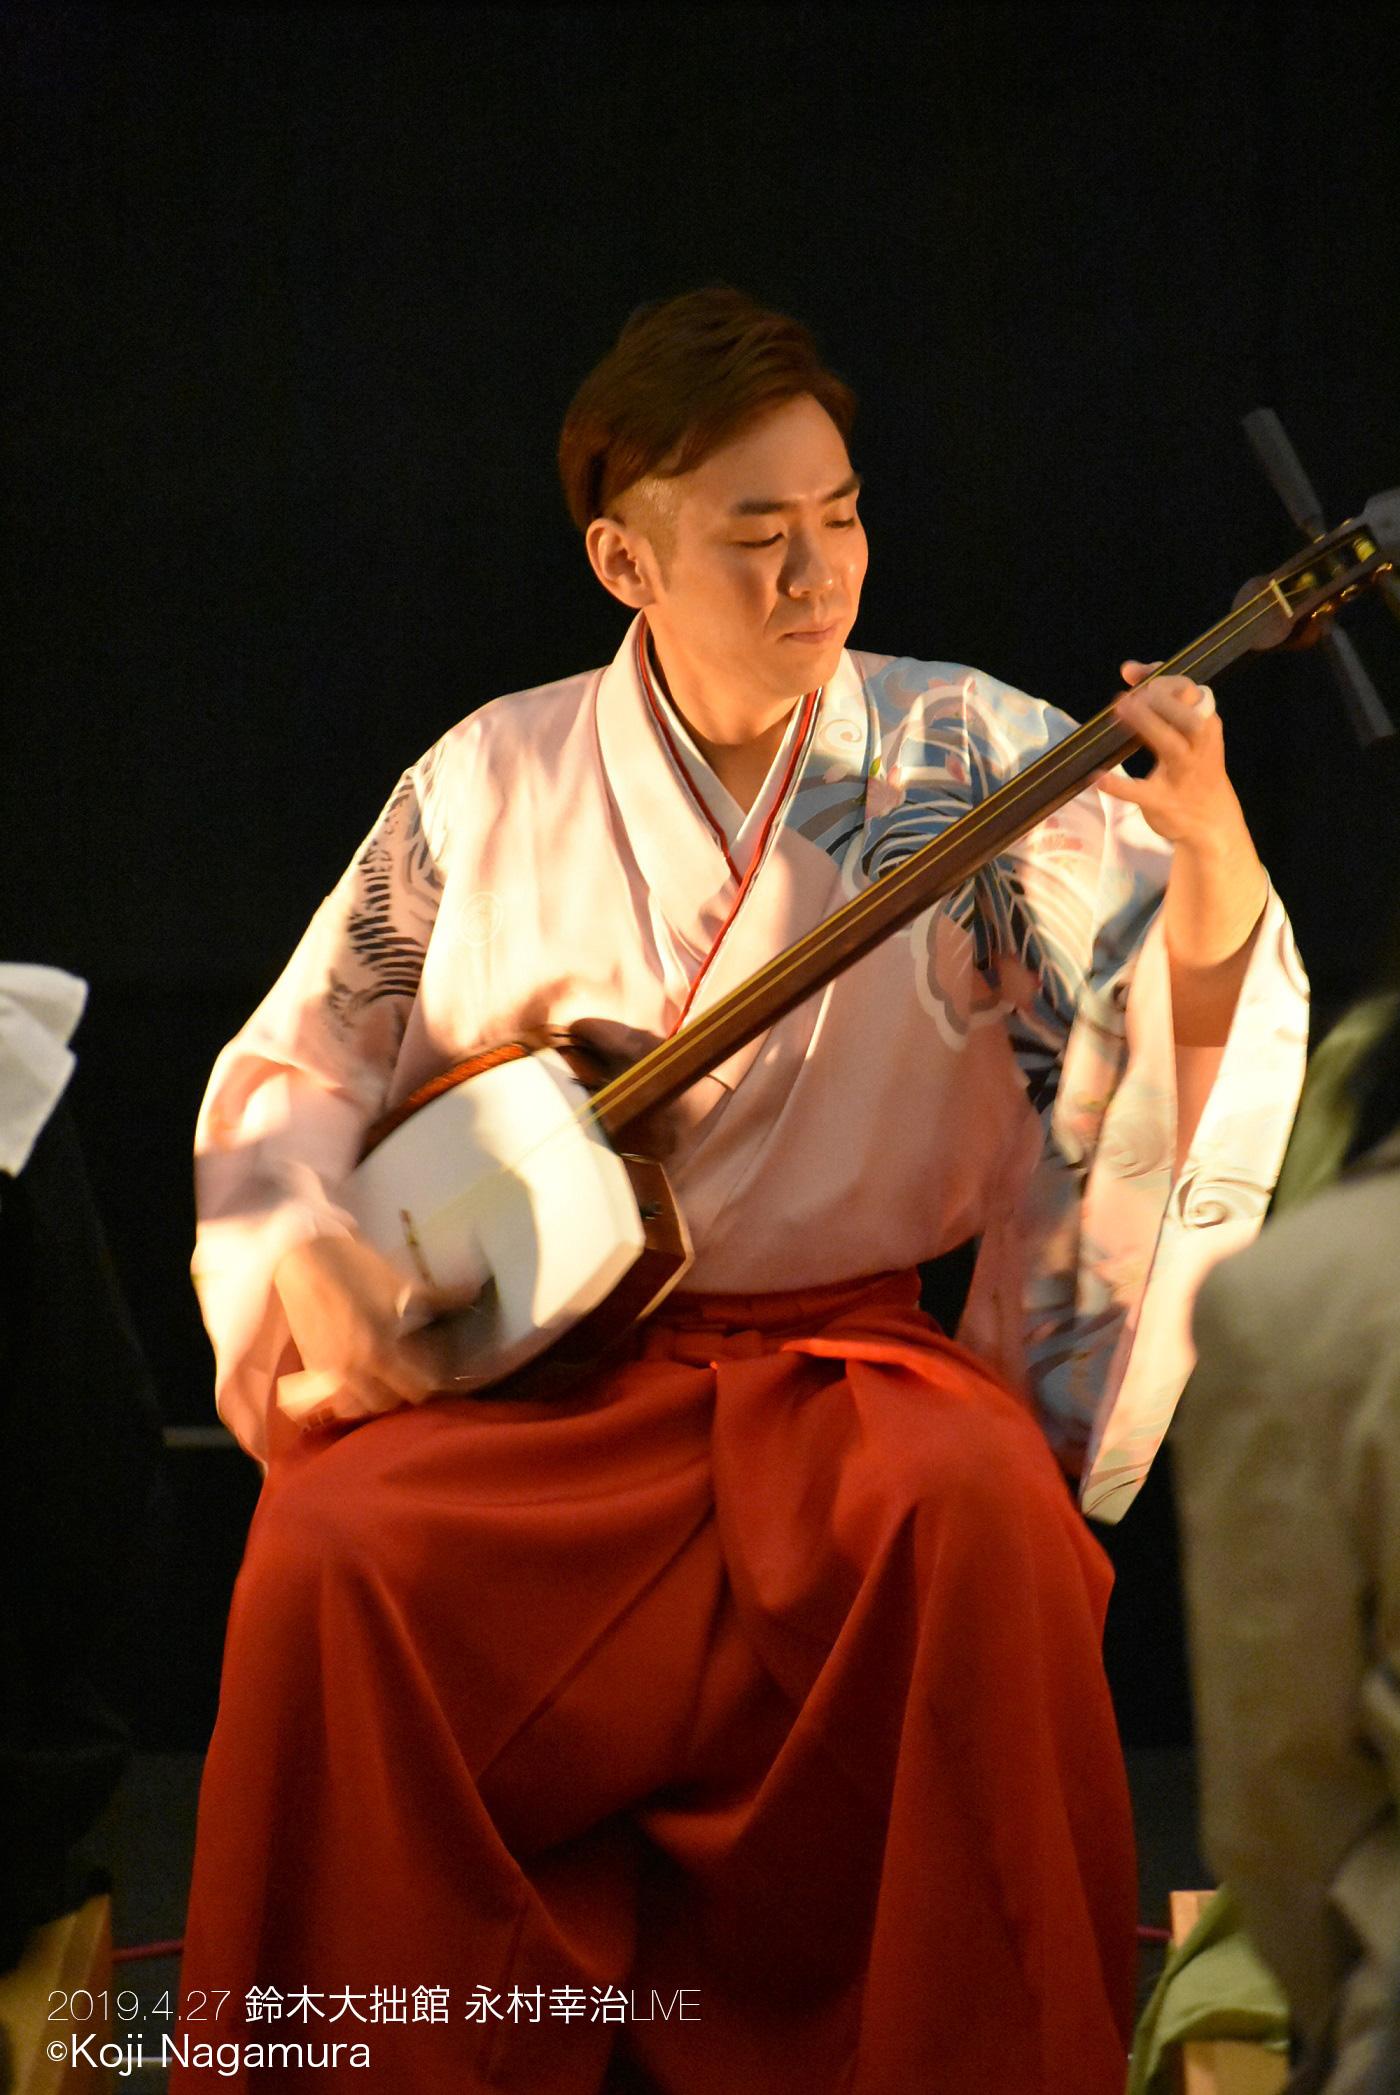 金沢ナイトミュージアム 鈴木大拙館 永村幸治ライブ_3